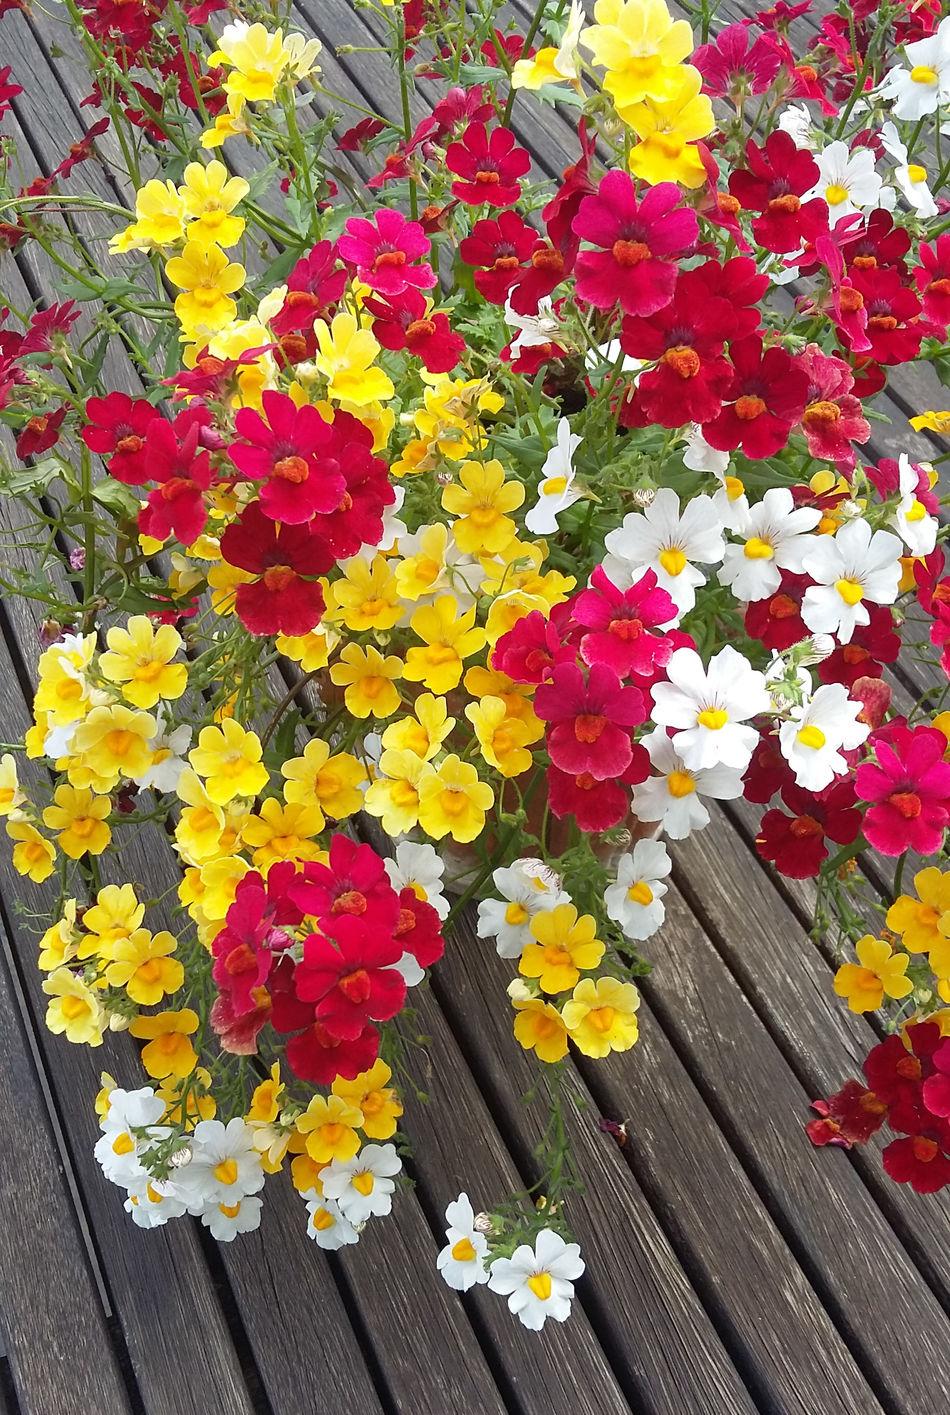 Flowers Summer Nofilter Colorful Topfpflanze Echte Farben Naturelovers Blumenpracht🌺🍃 Naturpur Unsere Terrasse Balkonien Zuhause 💕